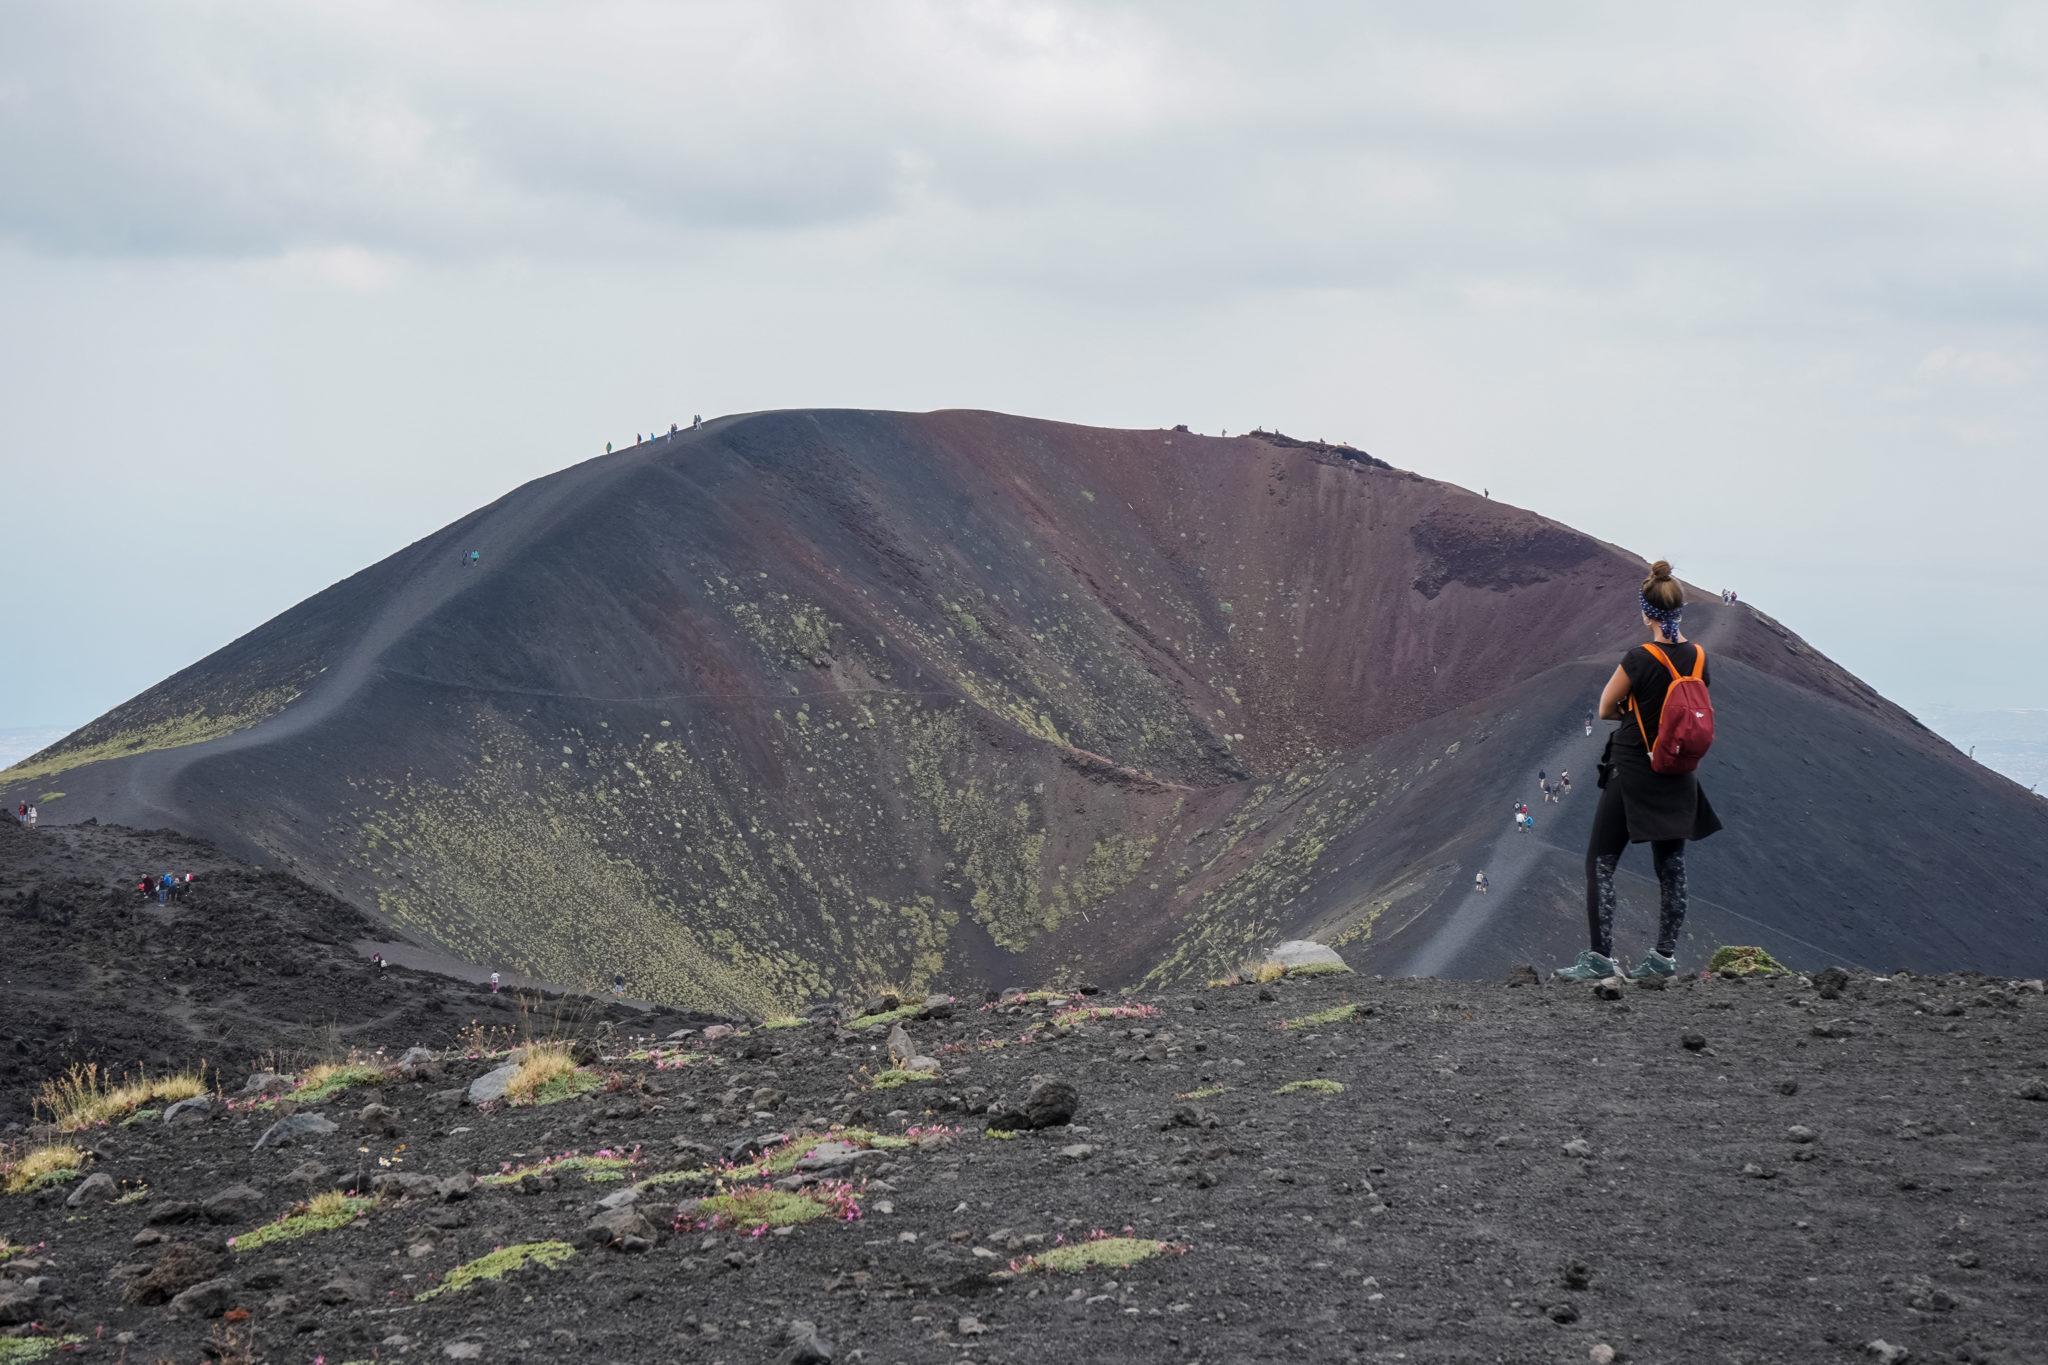 Volcan-etna-excursion-sicile-eruption